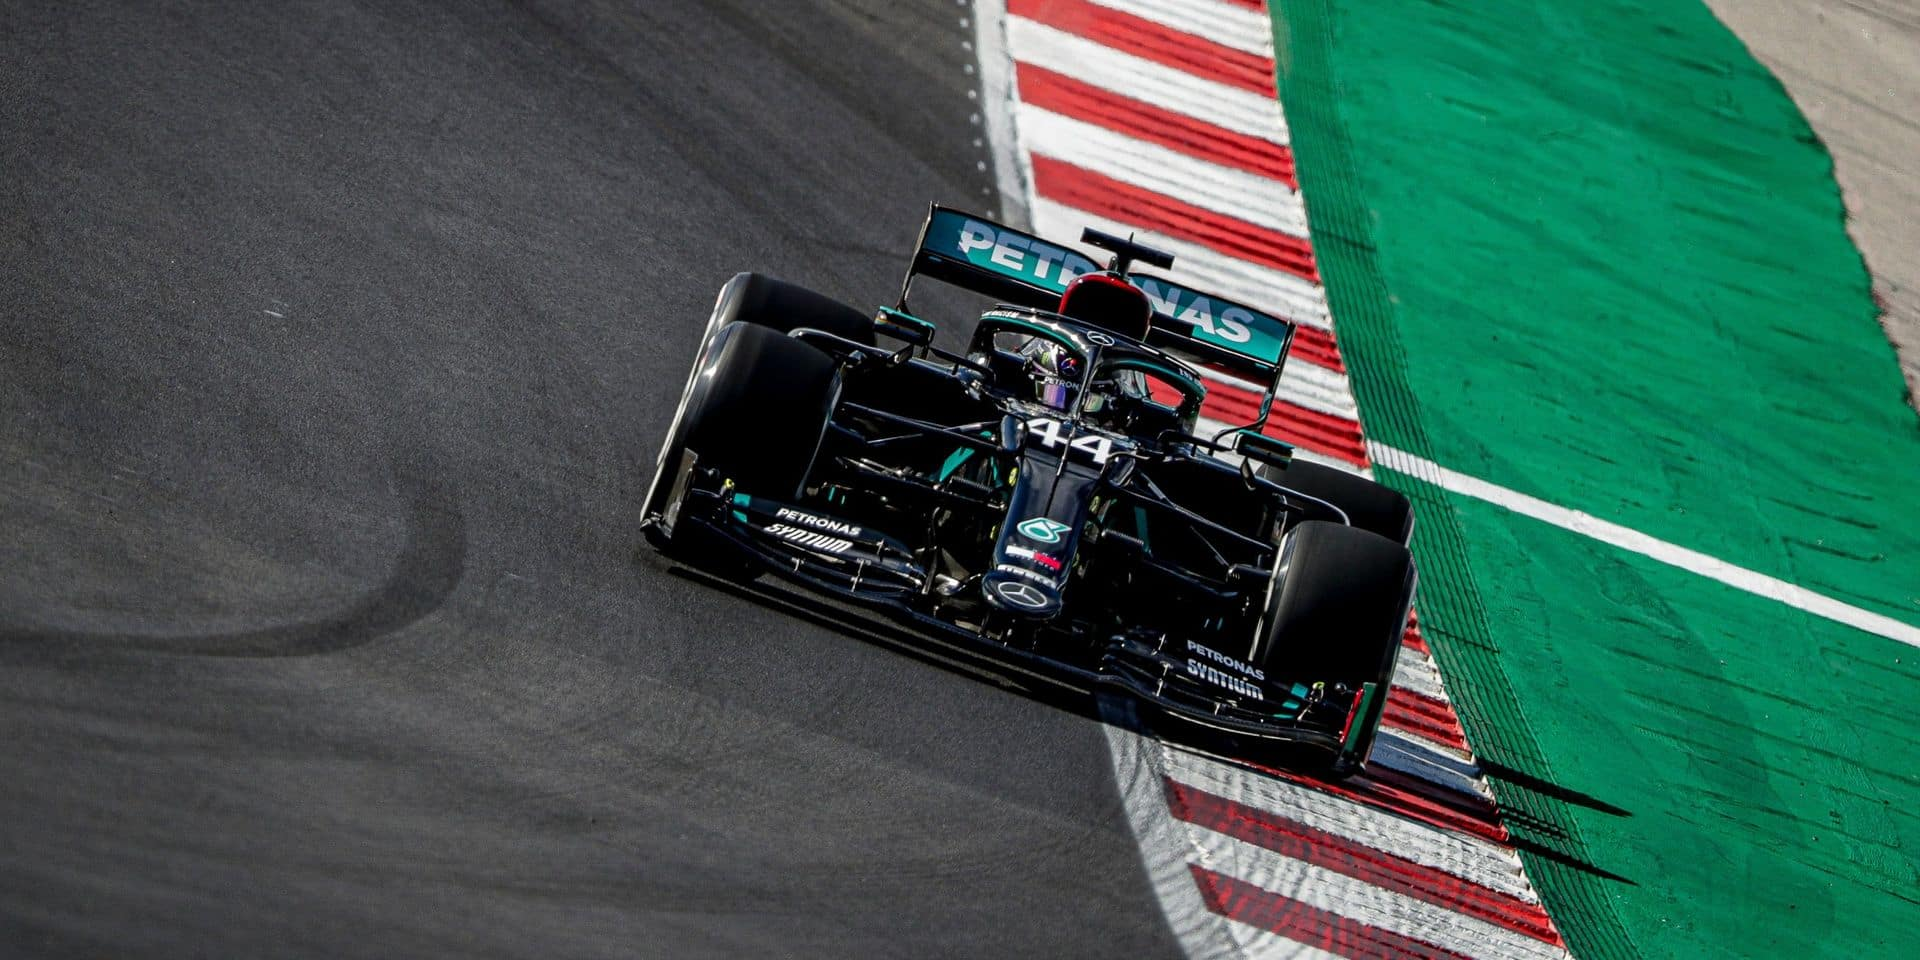 GP de Portugal: Hamilton arrache la pole position !